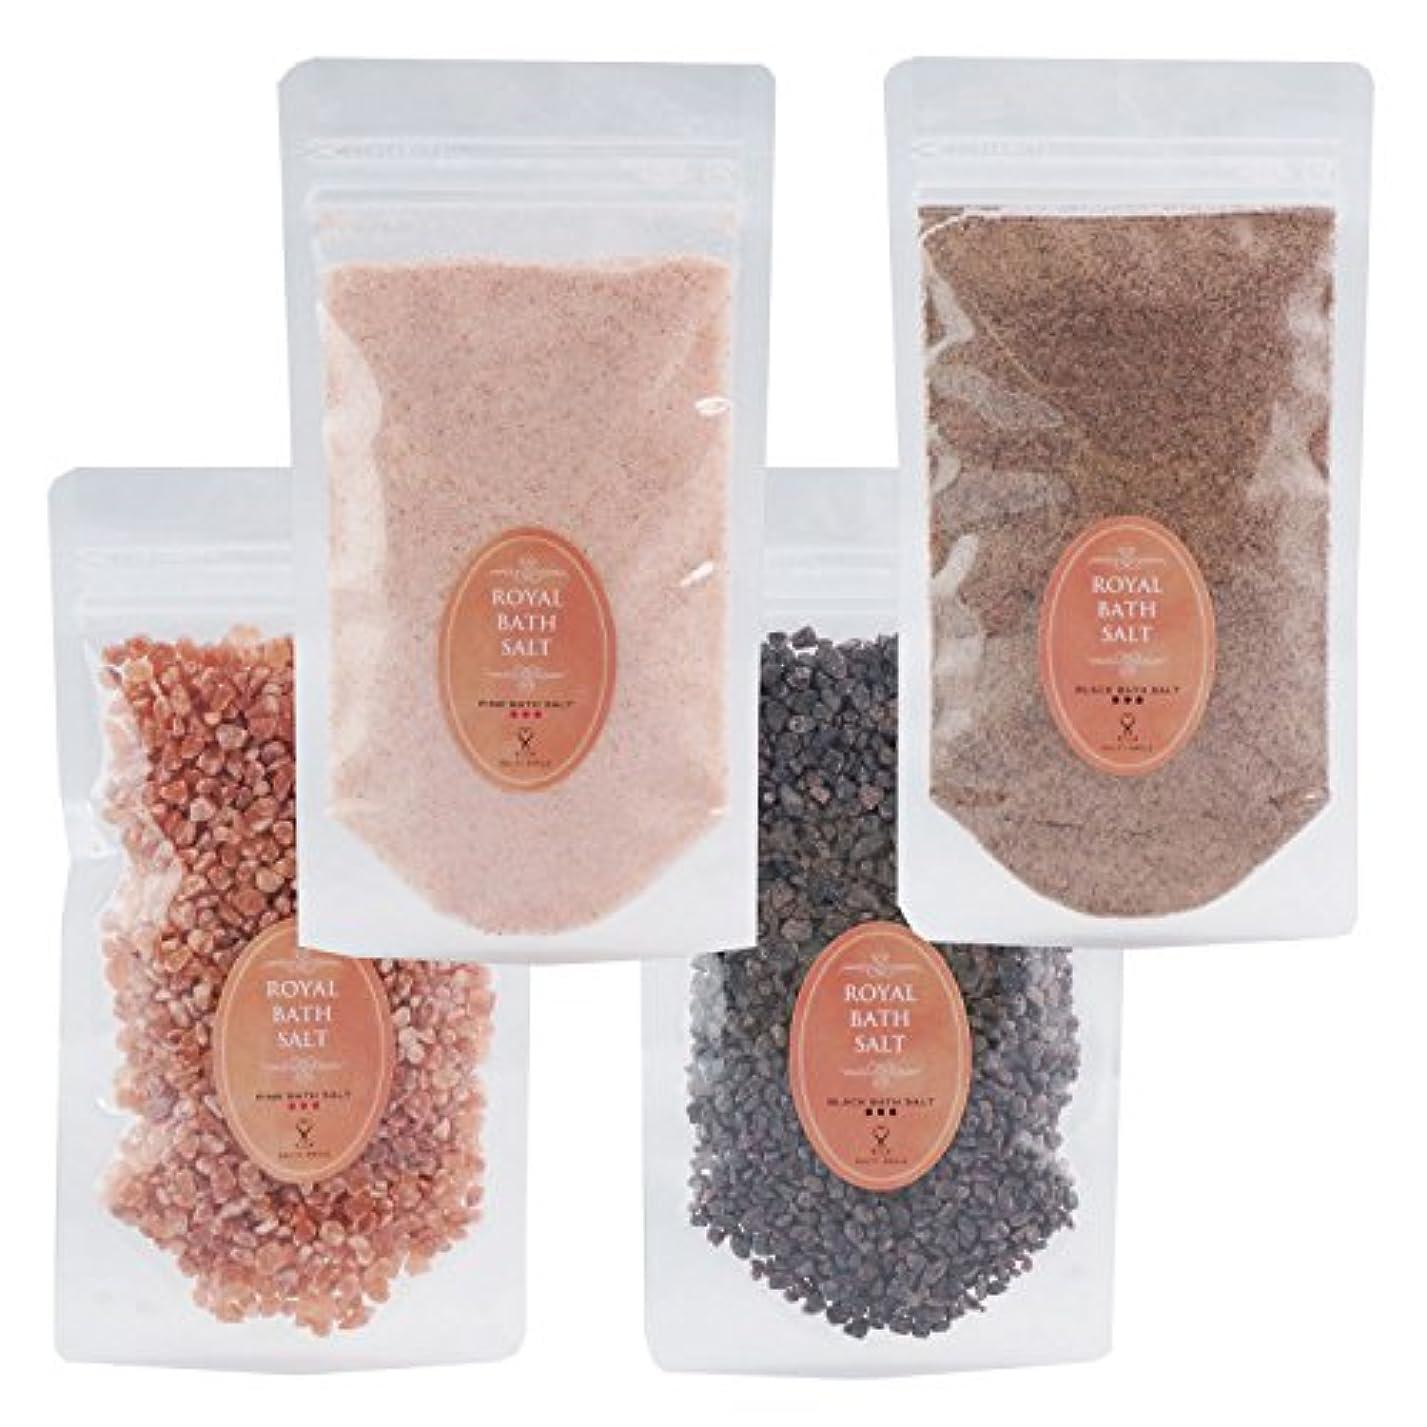 あからさまさらに苛性ロイヤル バスソルト ヒマラヤ岩塩 ピンク ブラック パウダー グレイン 各200g 細粒 粗粒 ROYAL BATH SALT